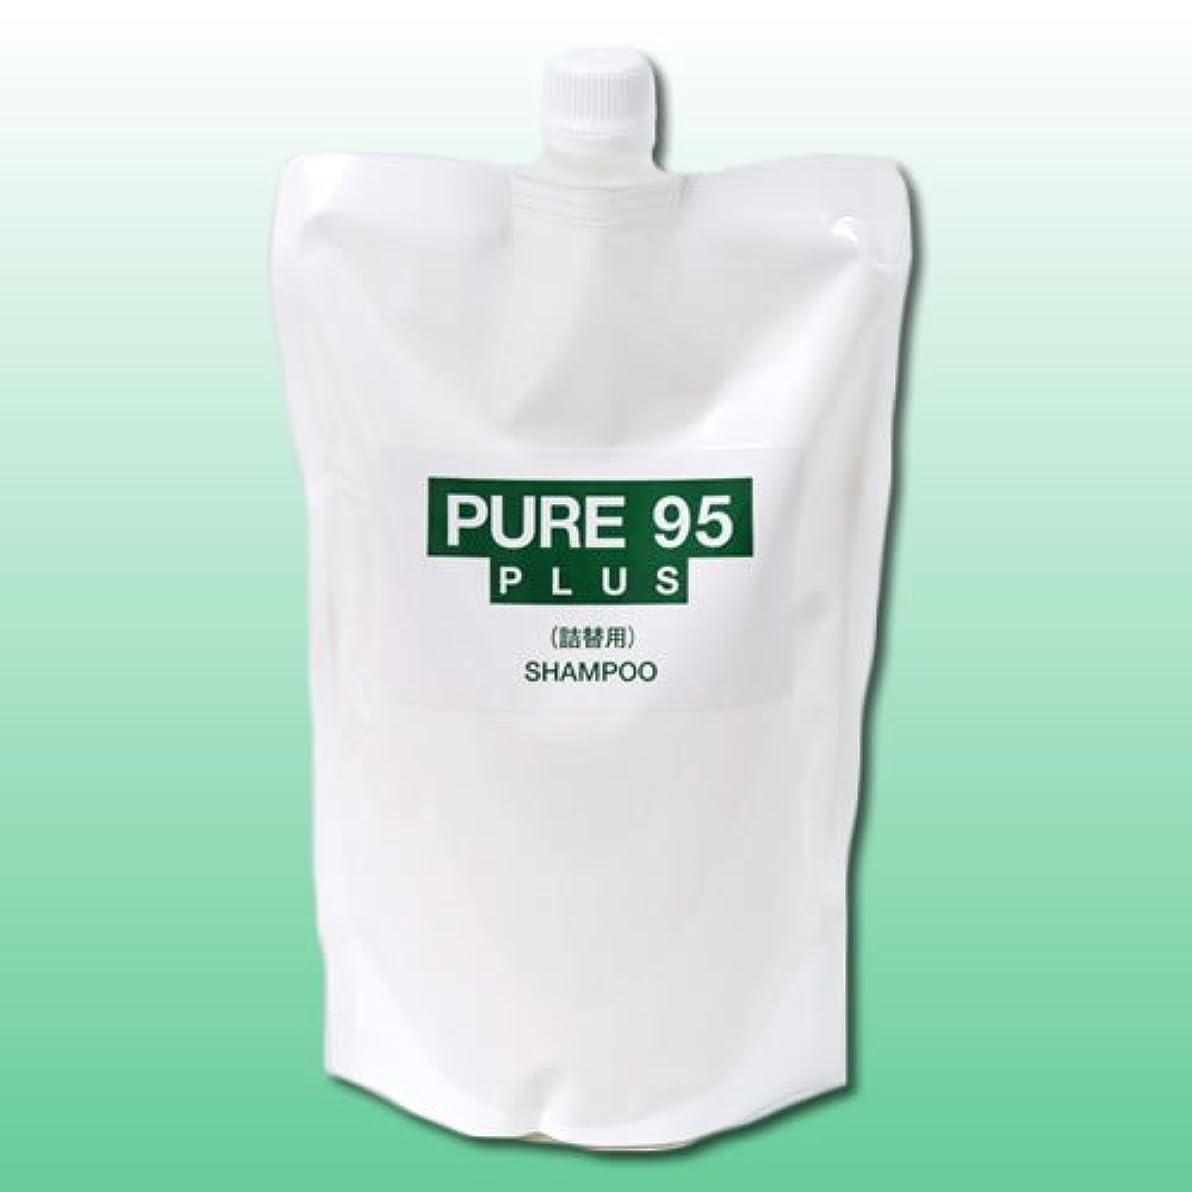 思いやりのあるサワーインフルエンザパーミングジャパン PURE95(ピュア95) プラスシャンプー 700ml (草原の香り) 詰替用